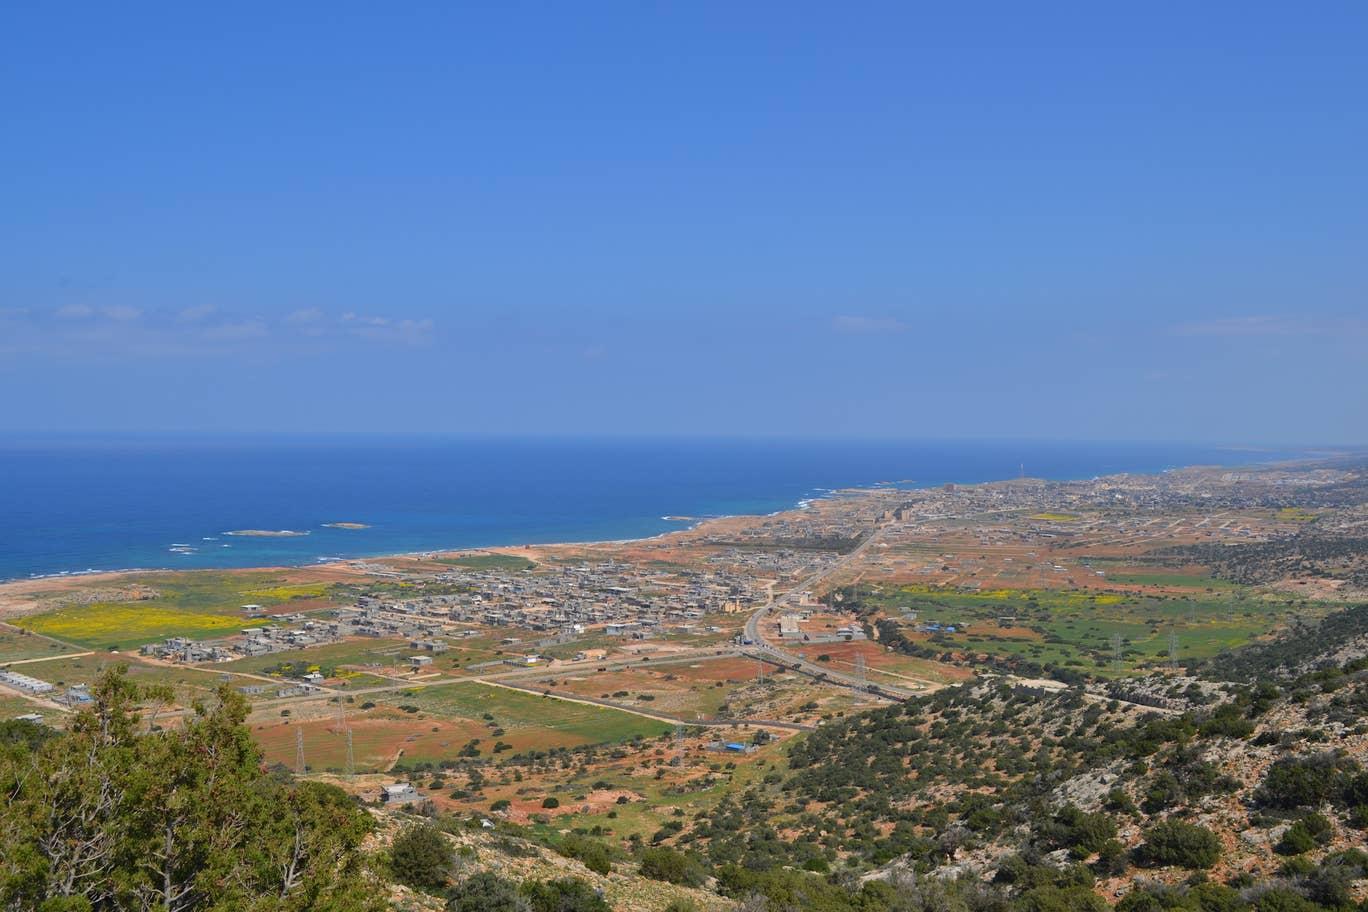 موقع ميناء المياه العميقة المستقبلي في سوسة، ليبيا (ذي إندبندنت)